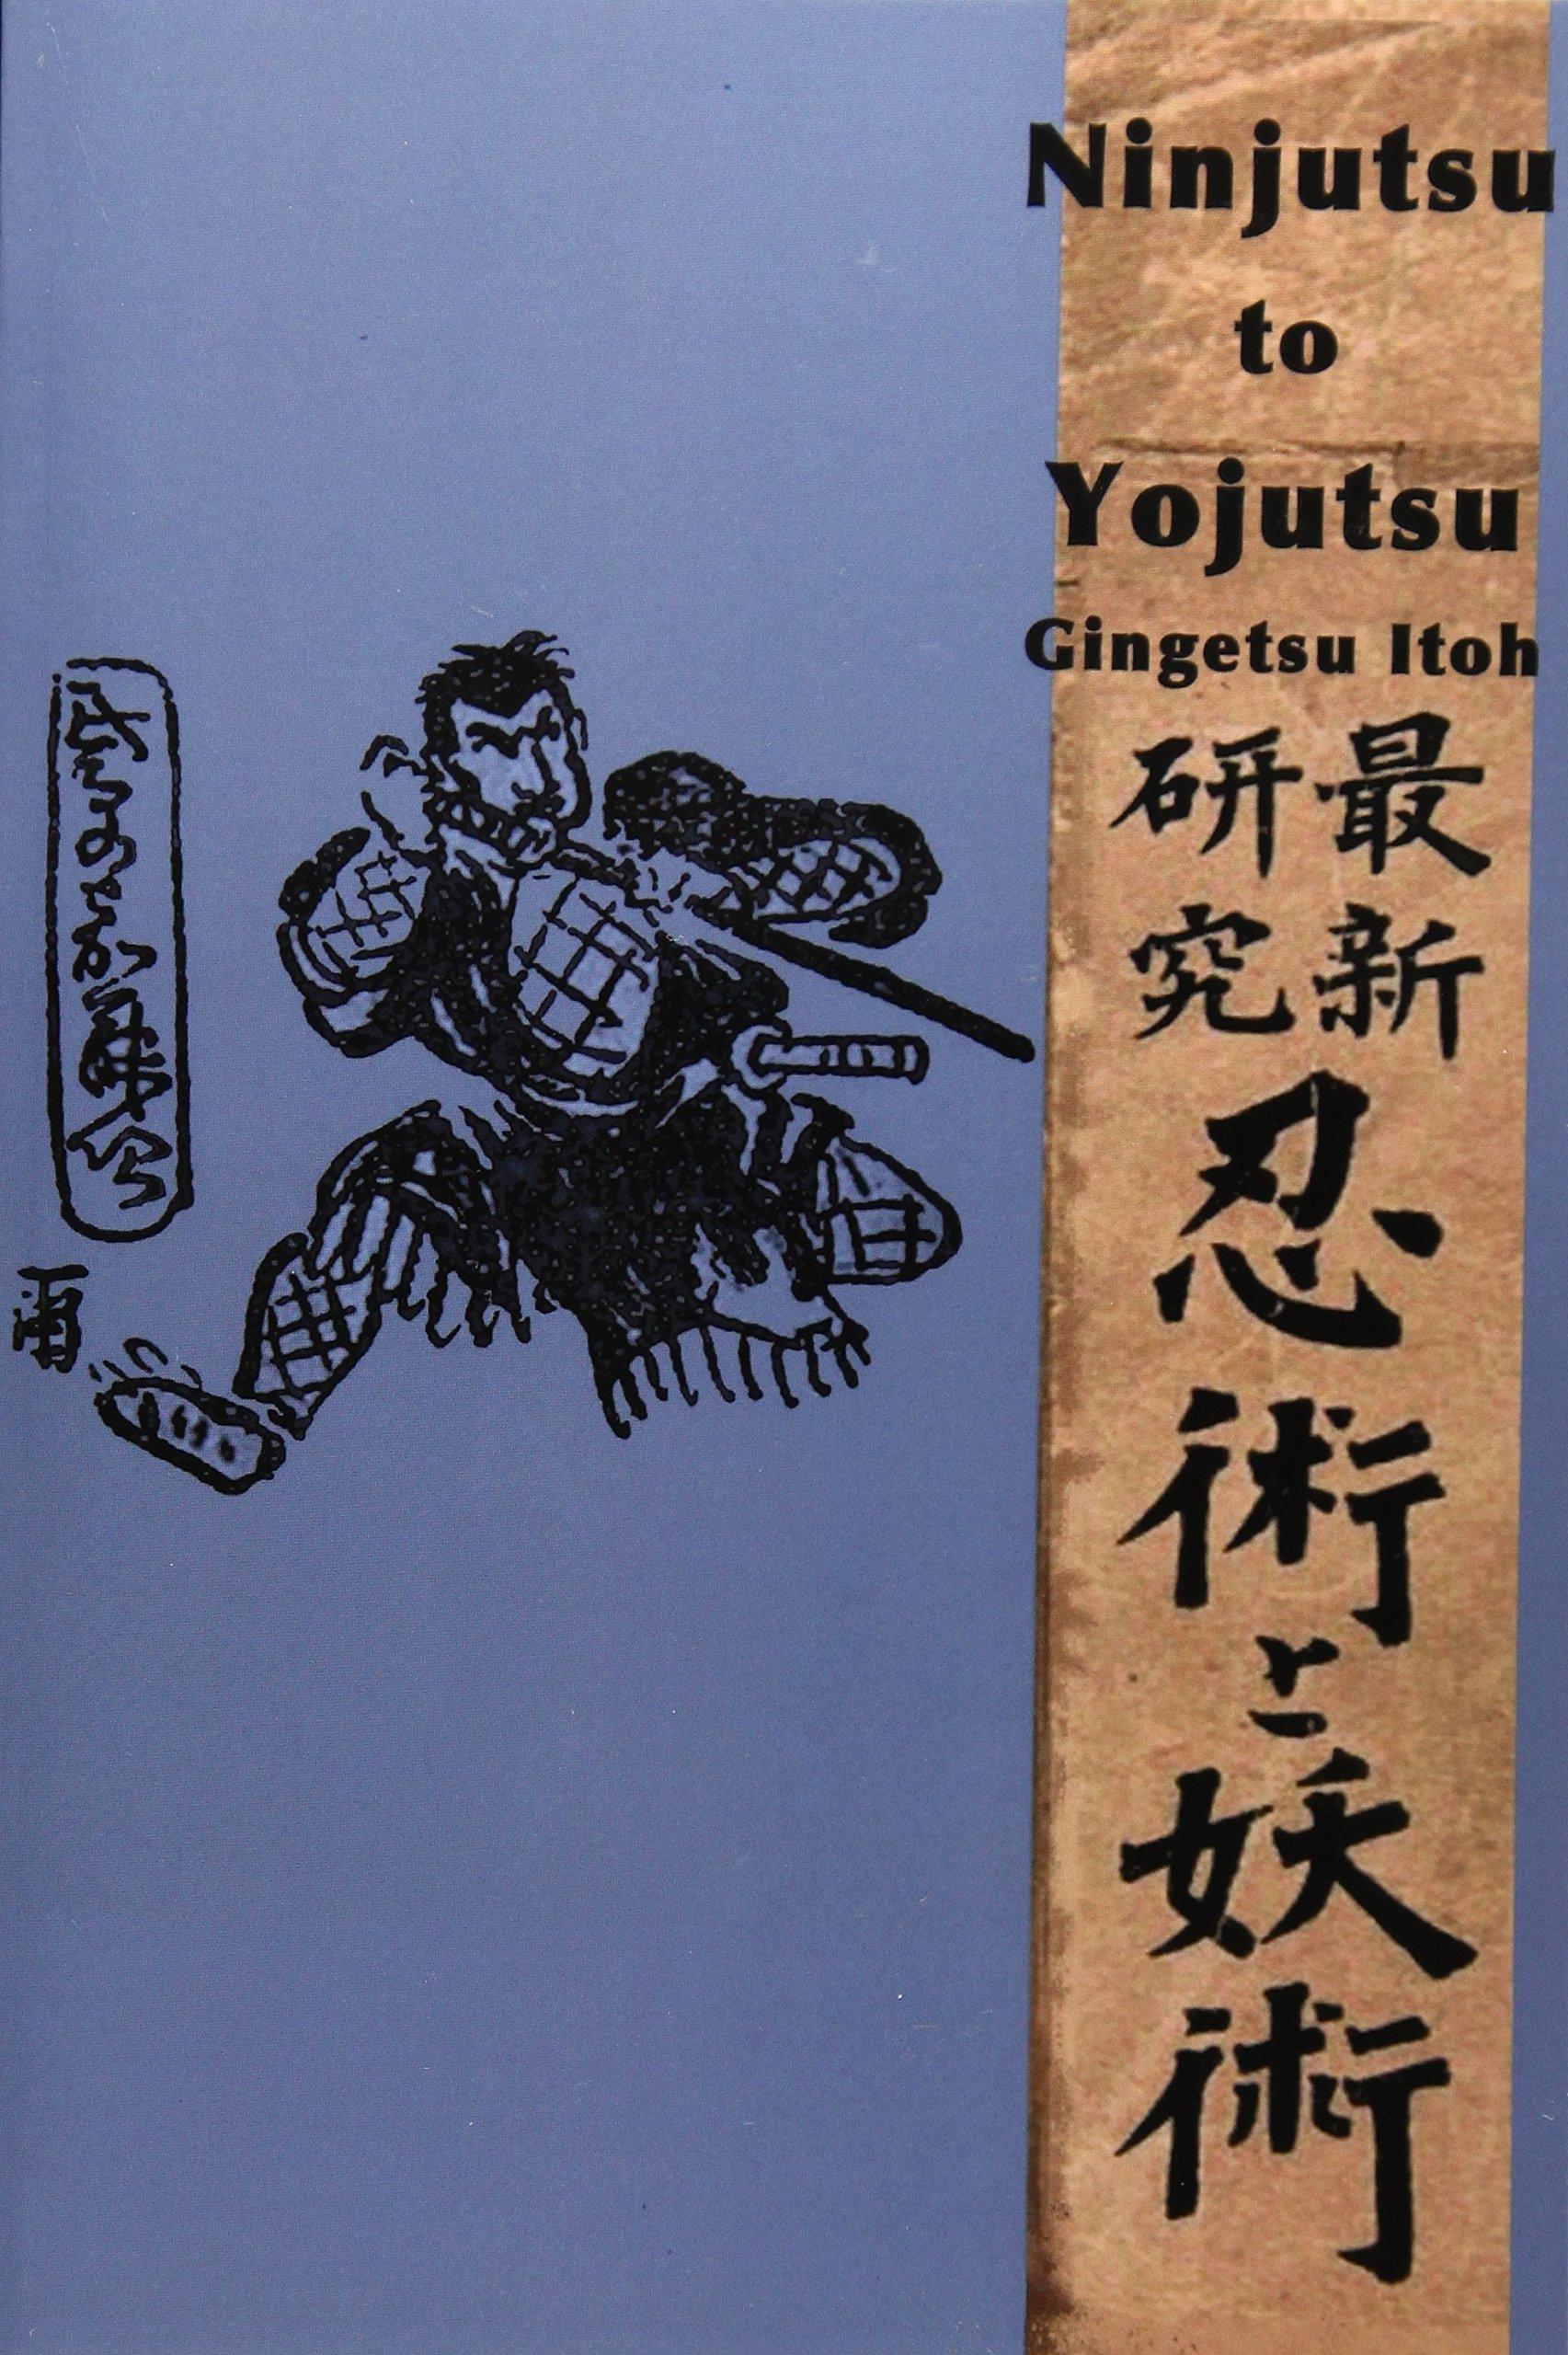 Ninjutsu to Yojutsu: Gingetsu Itoh, eric shahan ...